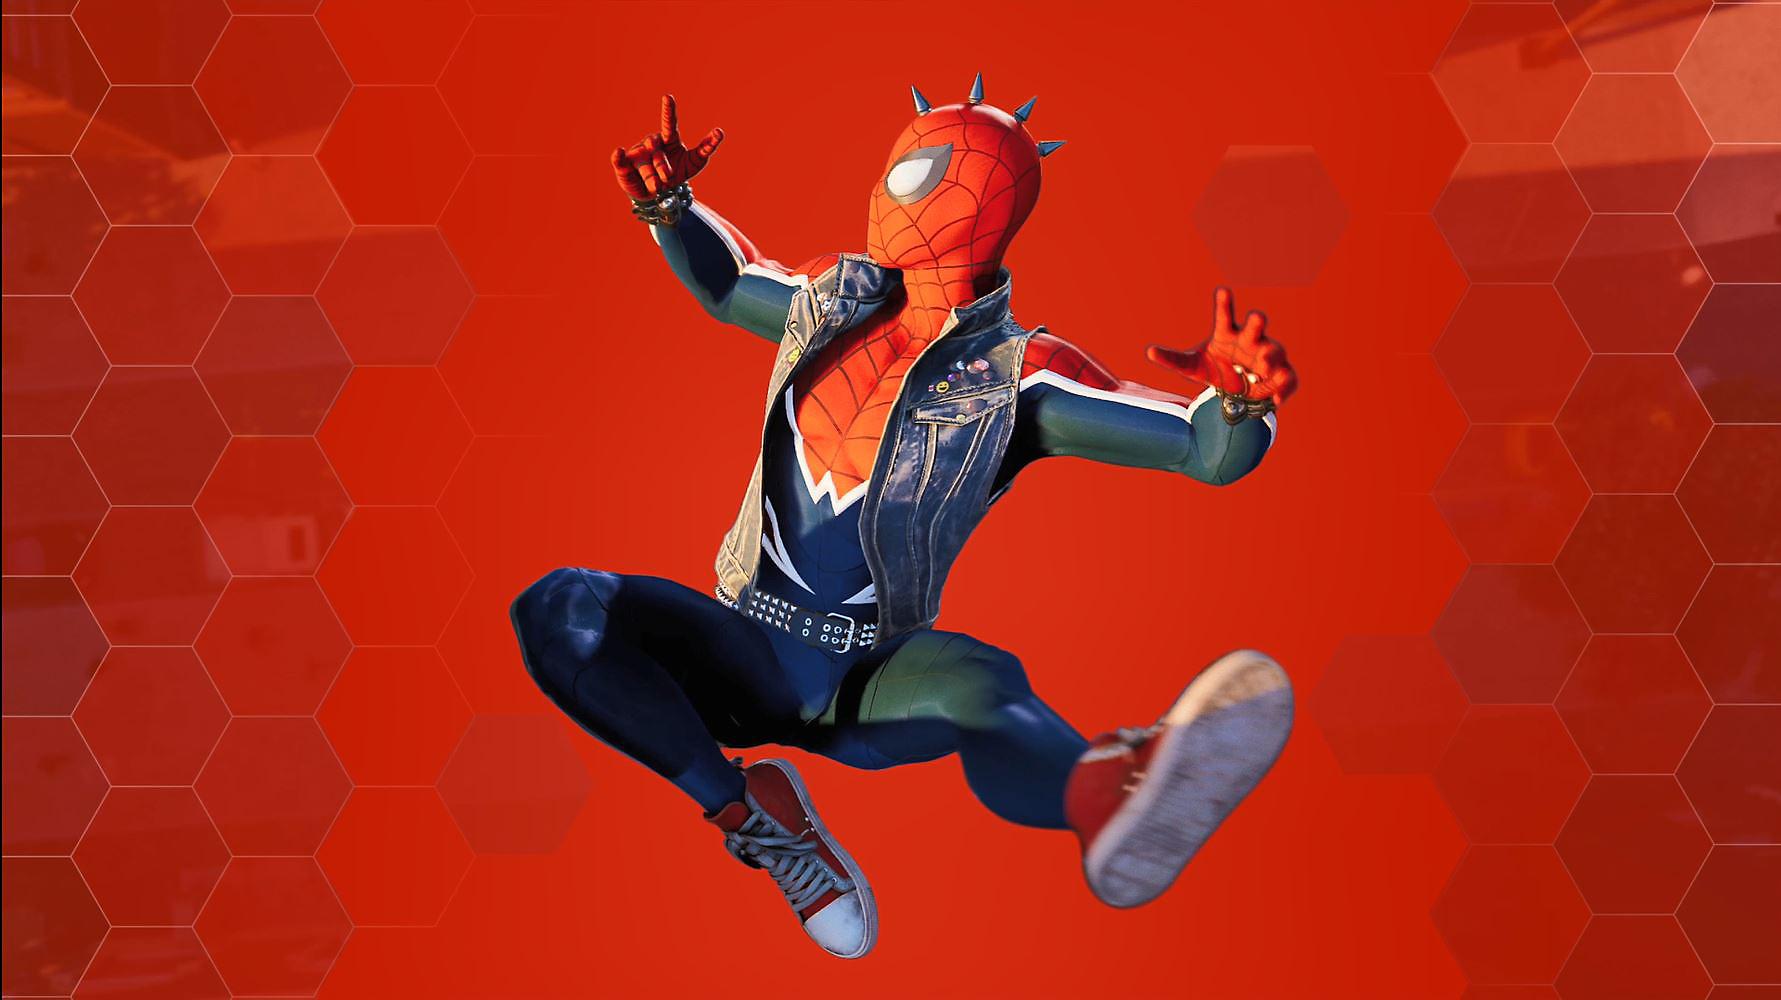 اطلاعات جدیدی از سیستم مبارزات در بازی Spider-Man منتشر شد